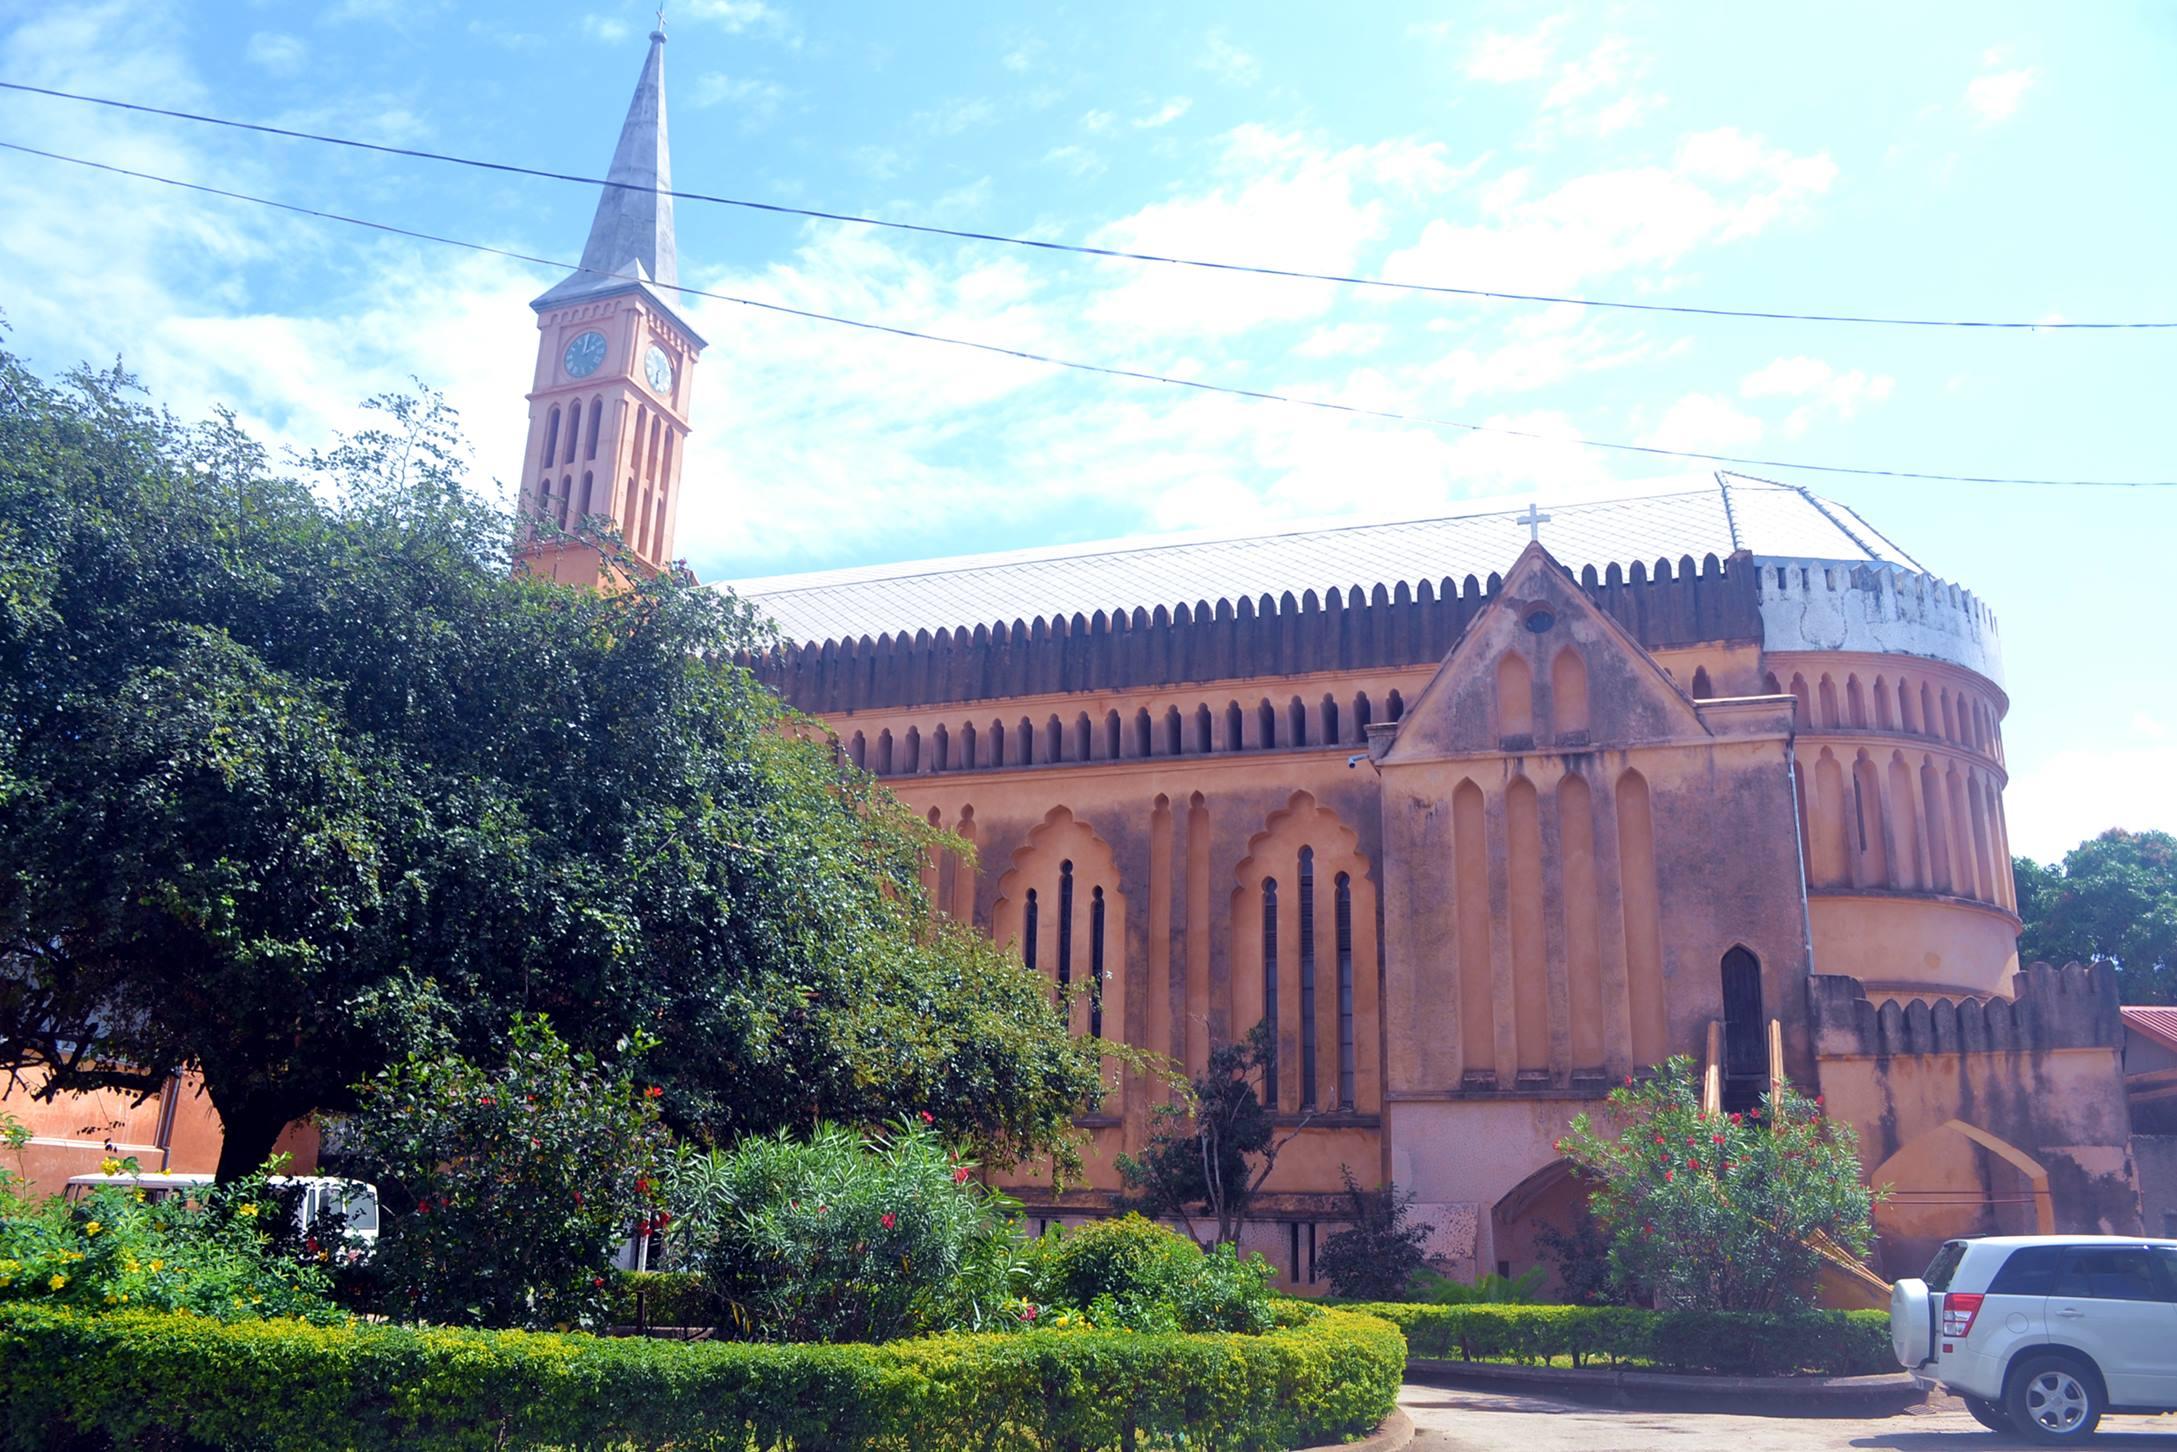 zanzibar_tanzania_catedralanglicana